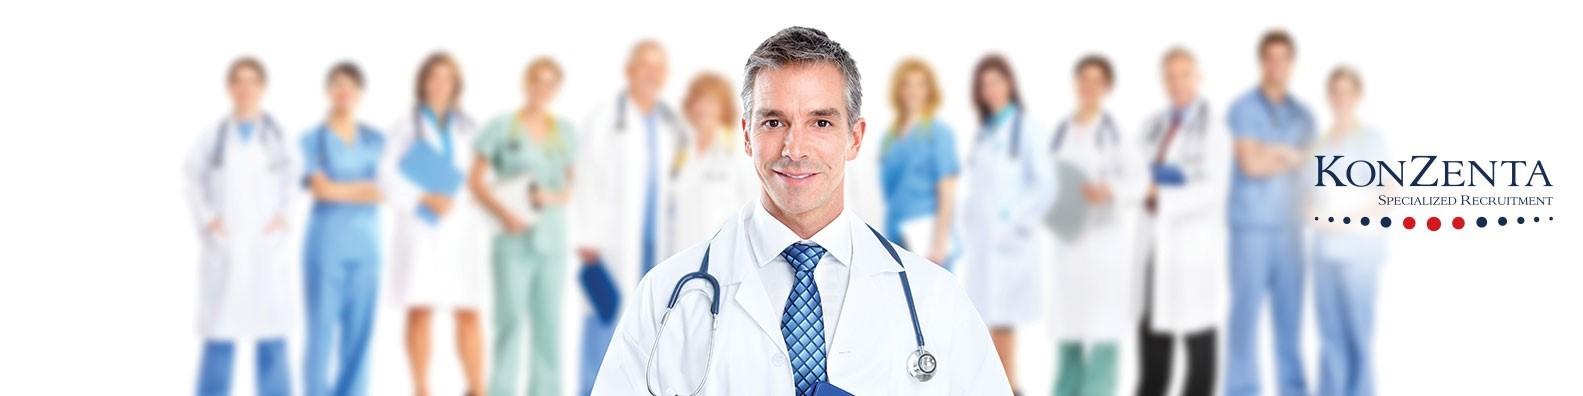 læger kun dating hjemmeside chicago 3 minutter hurtigt dating